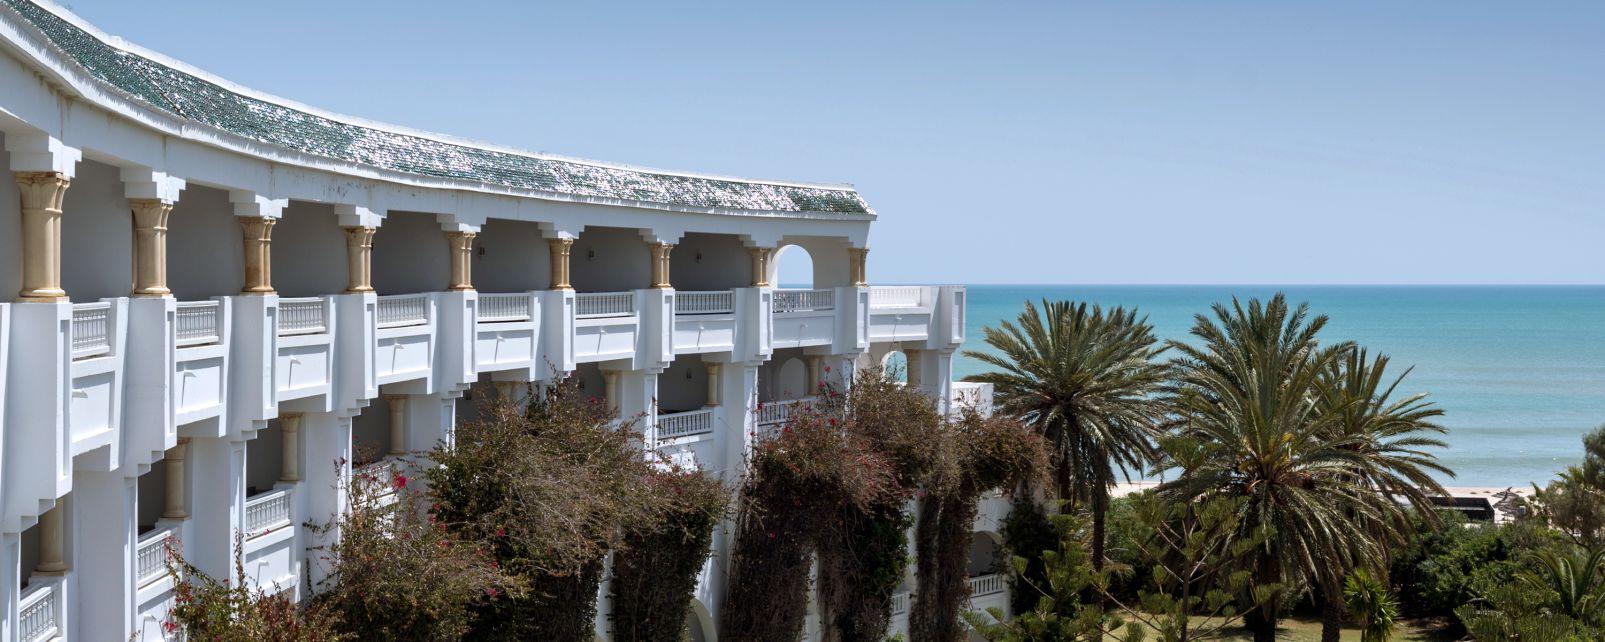 TUI Sensimar Oceana Resort and Spa